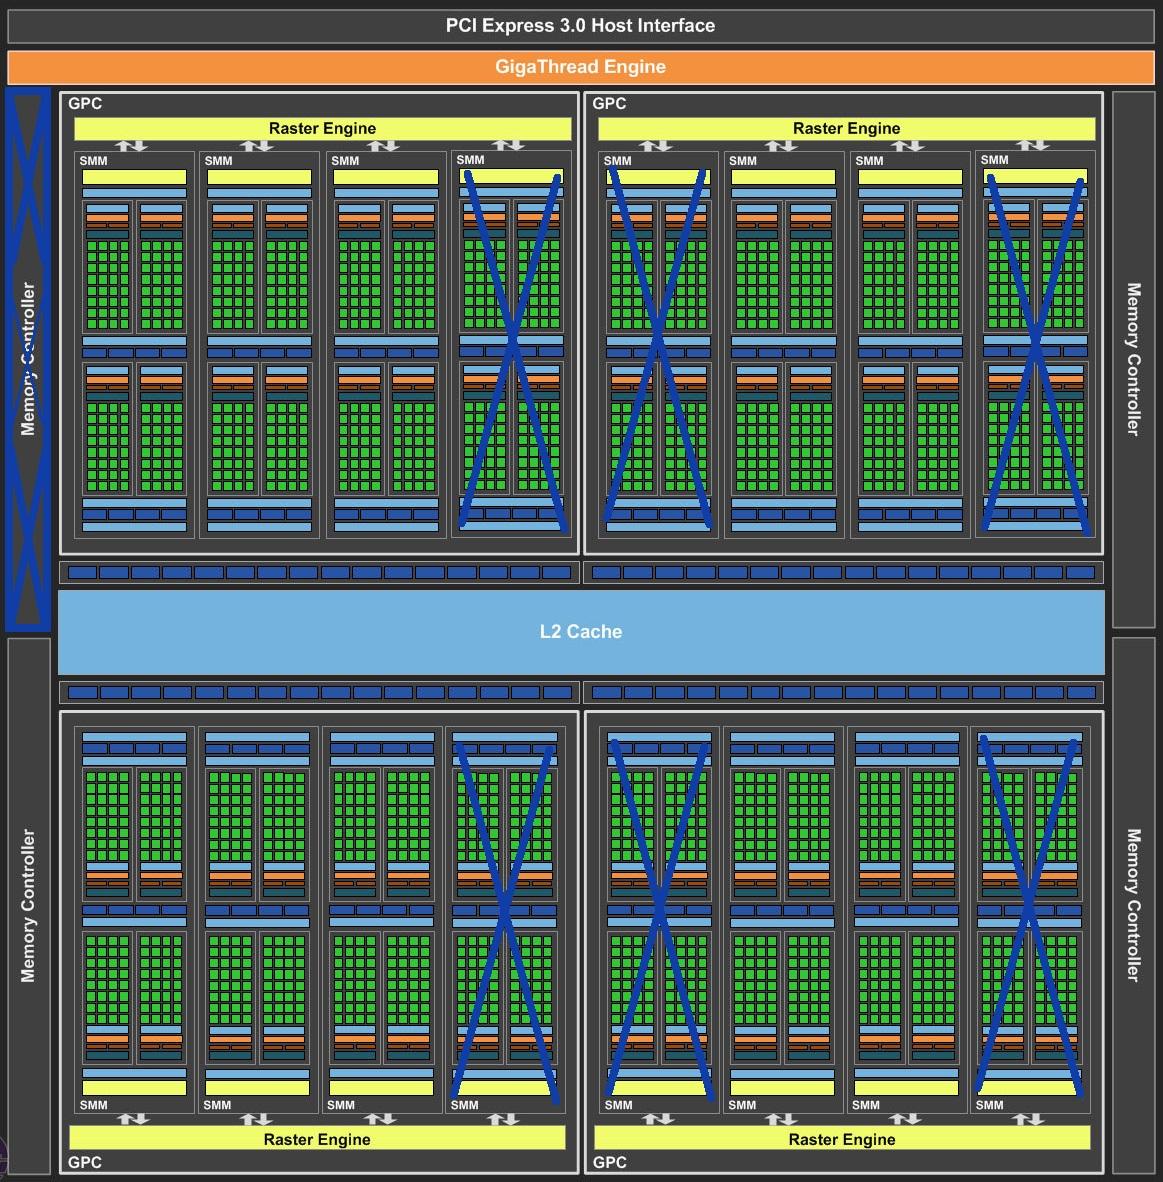 Nvidia GTX 960